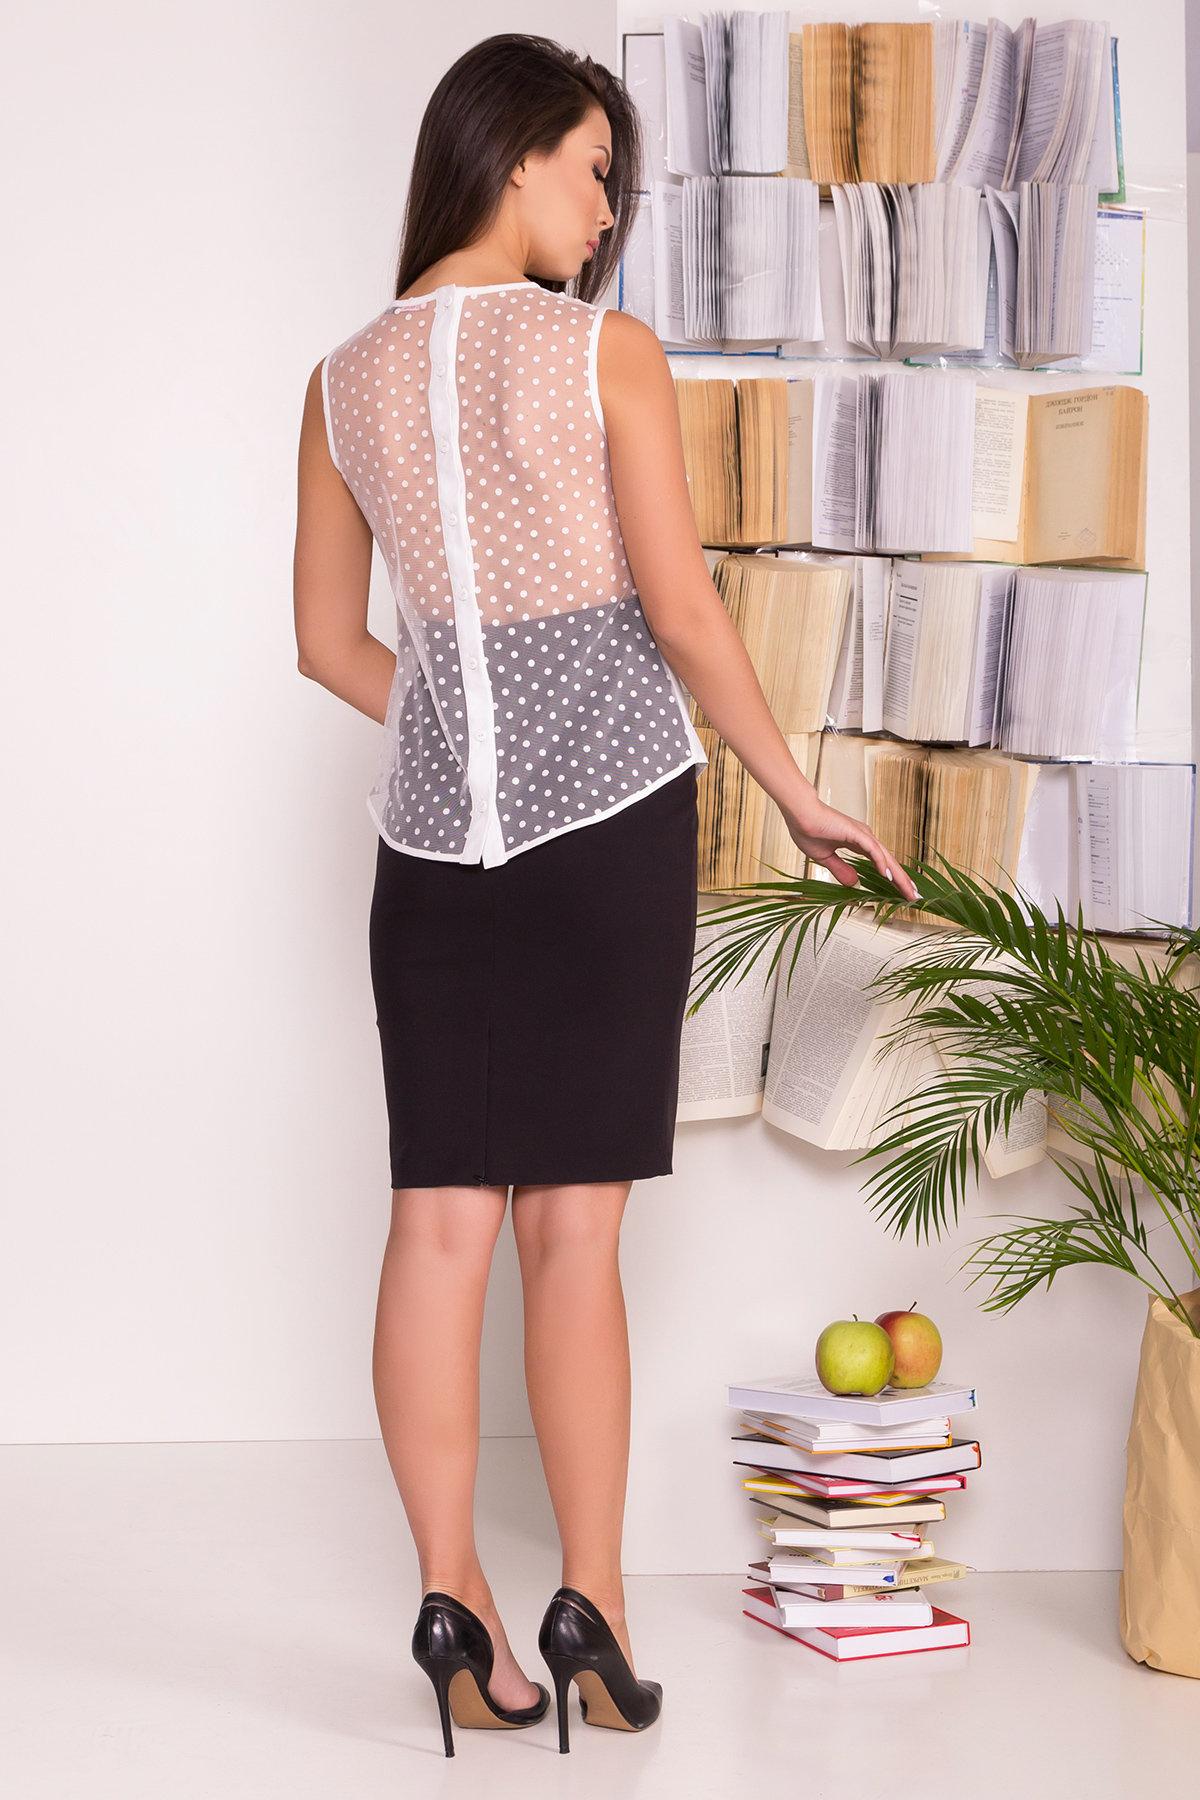 Блузка с оборками на груди Талина 7368 АРТ. 43573 Цвет: Белый - фото 7, интернет магазин tm-modus.ru